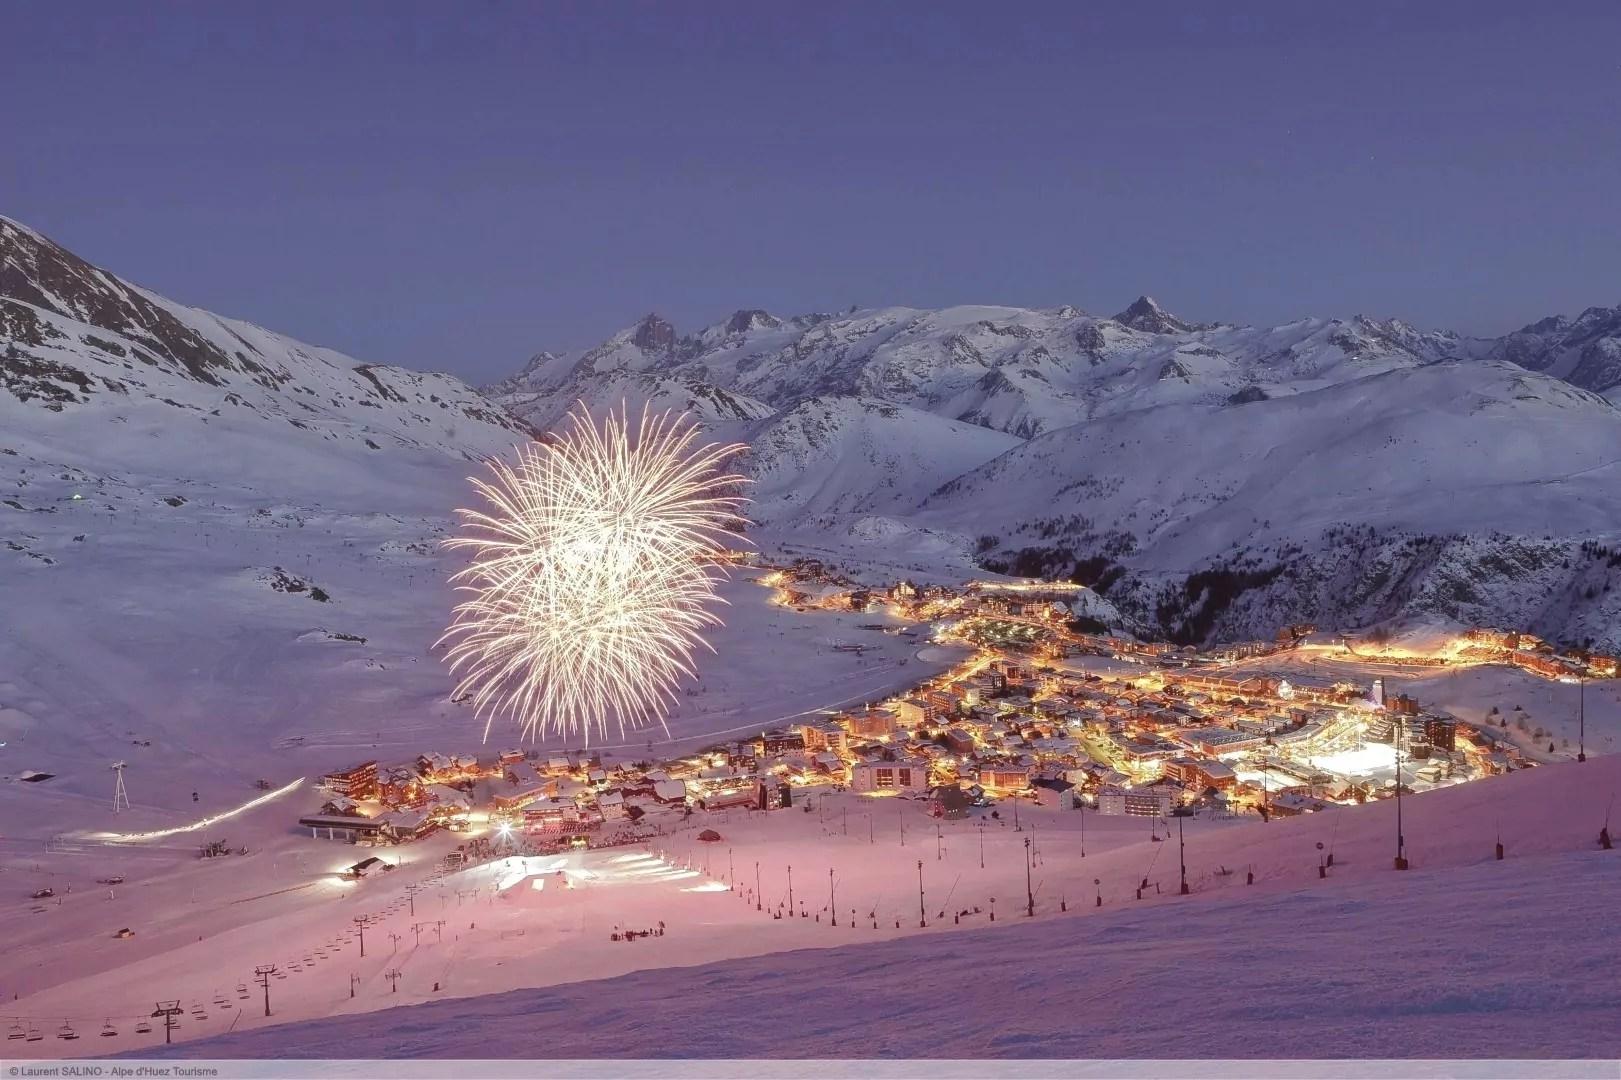 après-ski in Alpe d'Huez